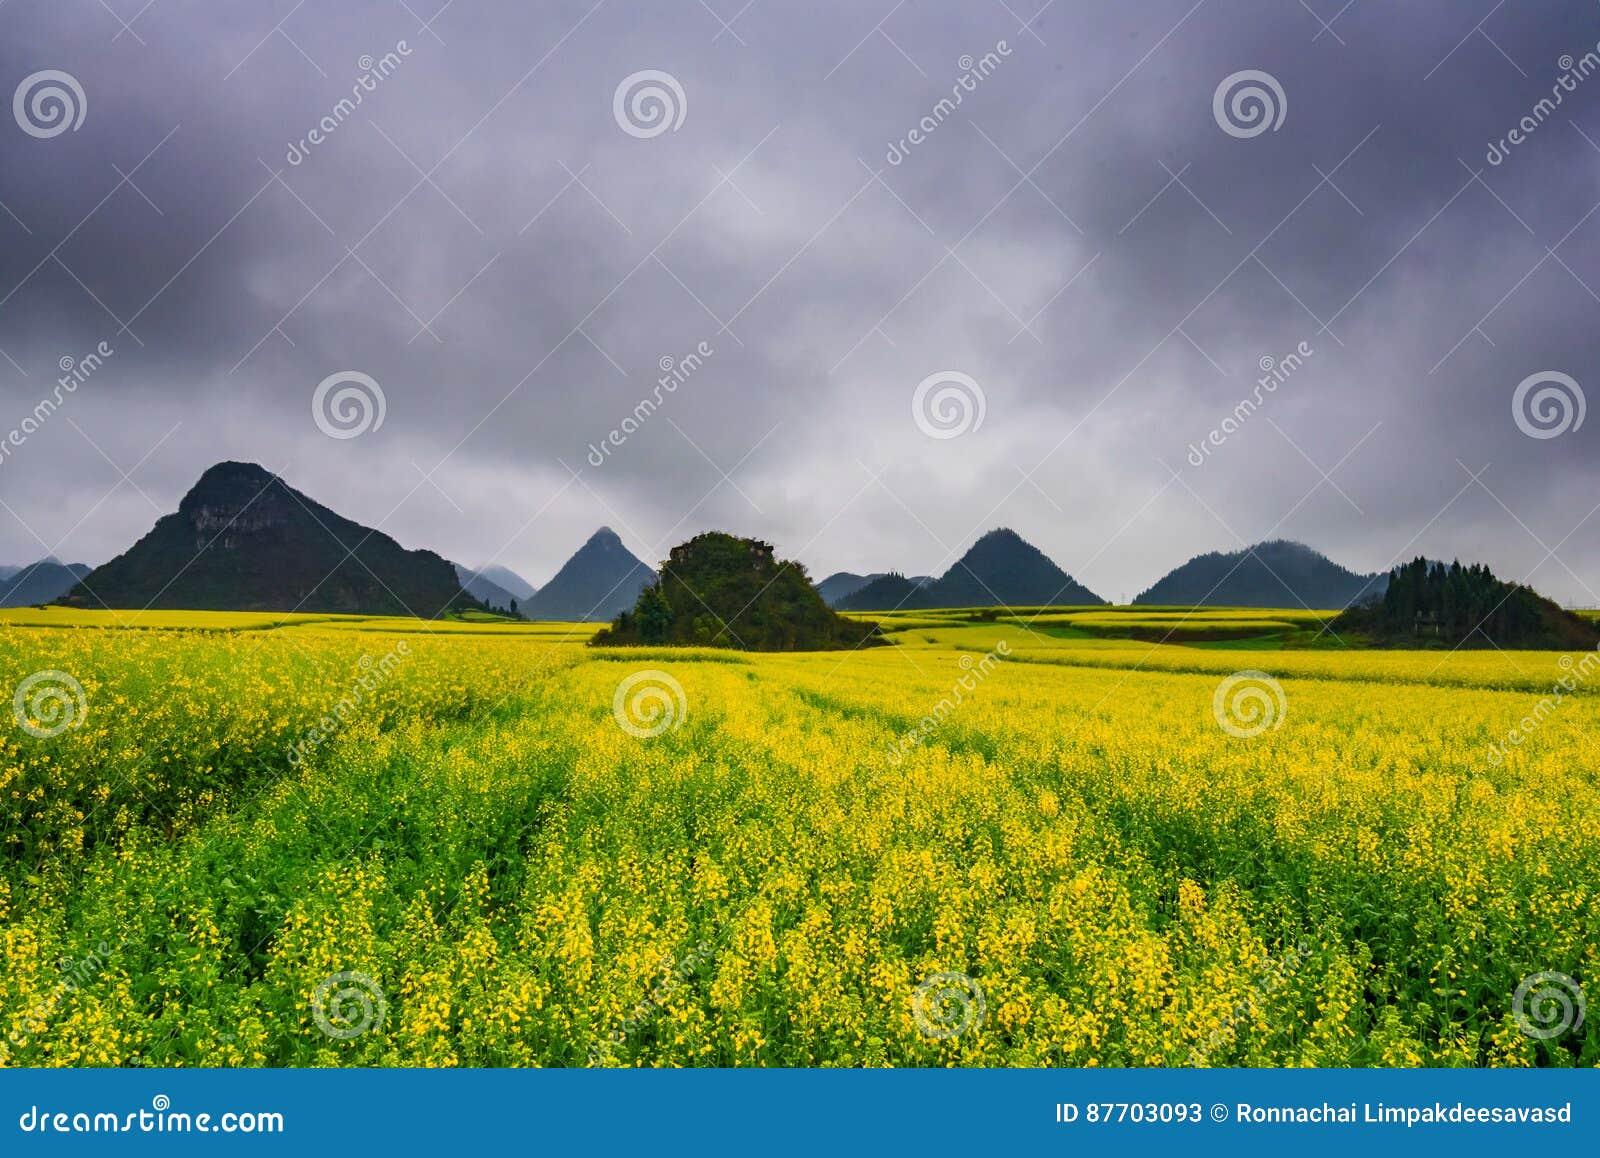 Gisement de Canola, gisement de fleur de graine de colza avec la brume dans Luoping